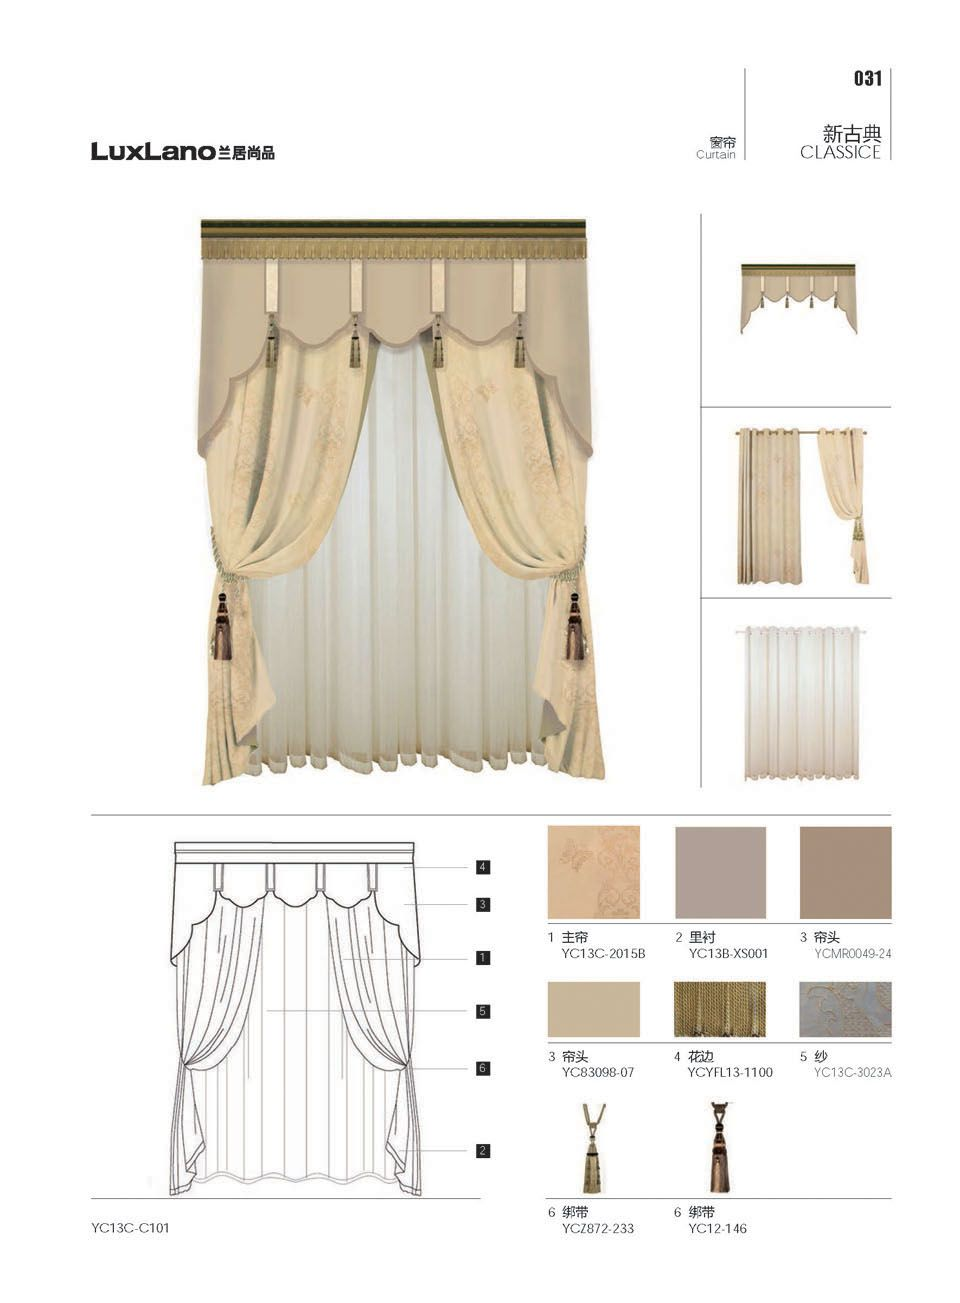 Pin de fly en 窗帘   Pinterest   Patrones de cortinas, Cortinas y ...